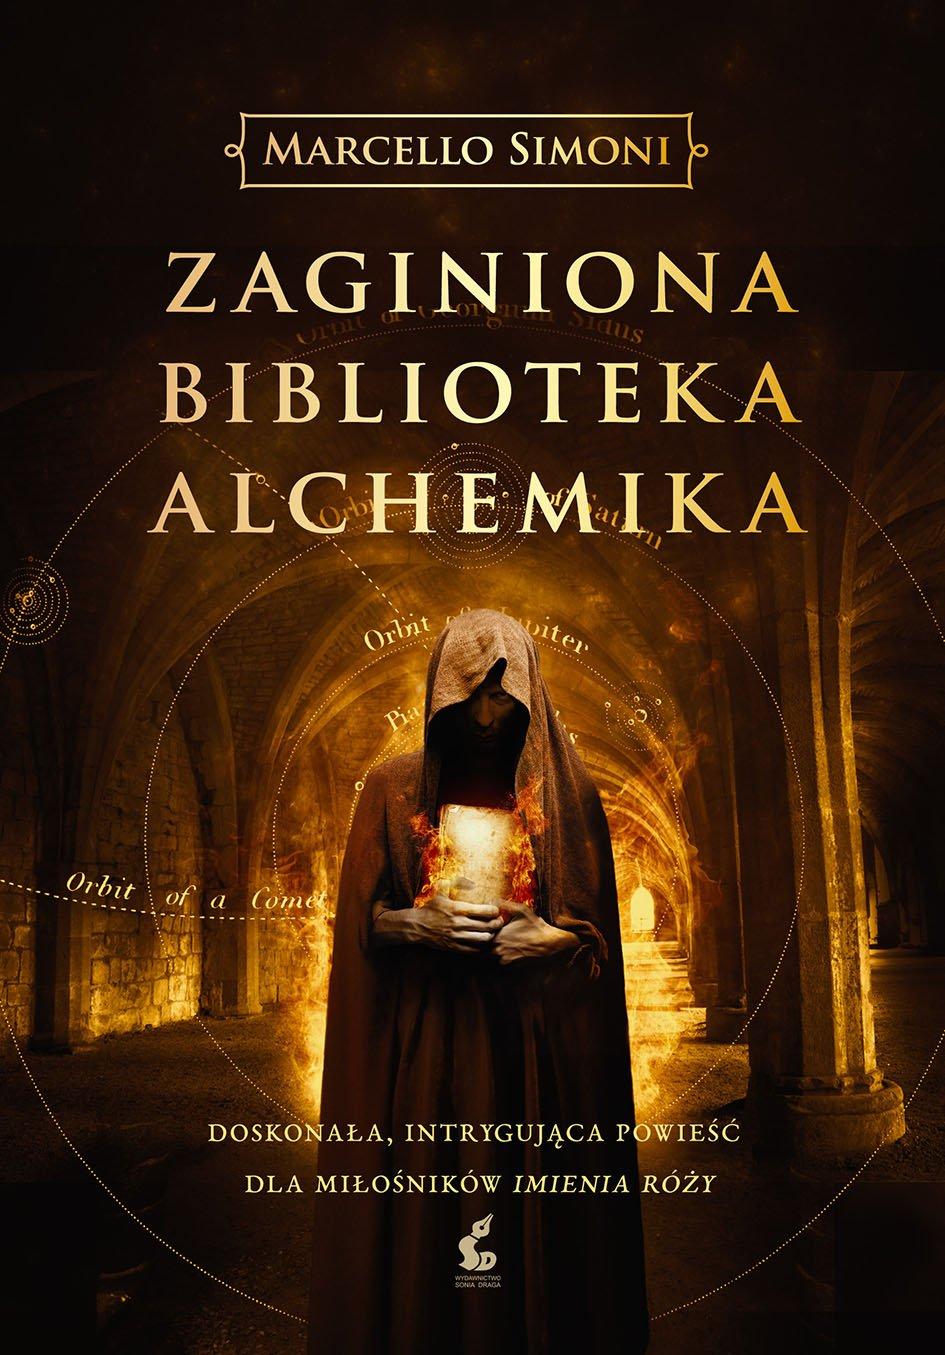 Zaginiona biblioteka alchemika - Ebook (Książka EPUB) do pobrania w formacie EPUB